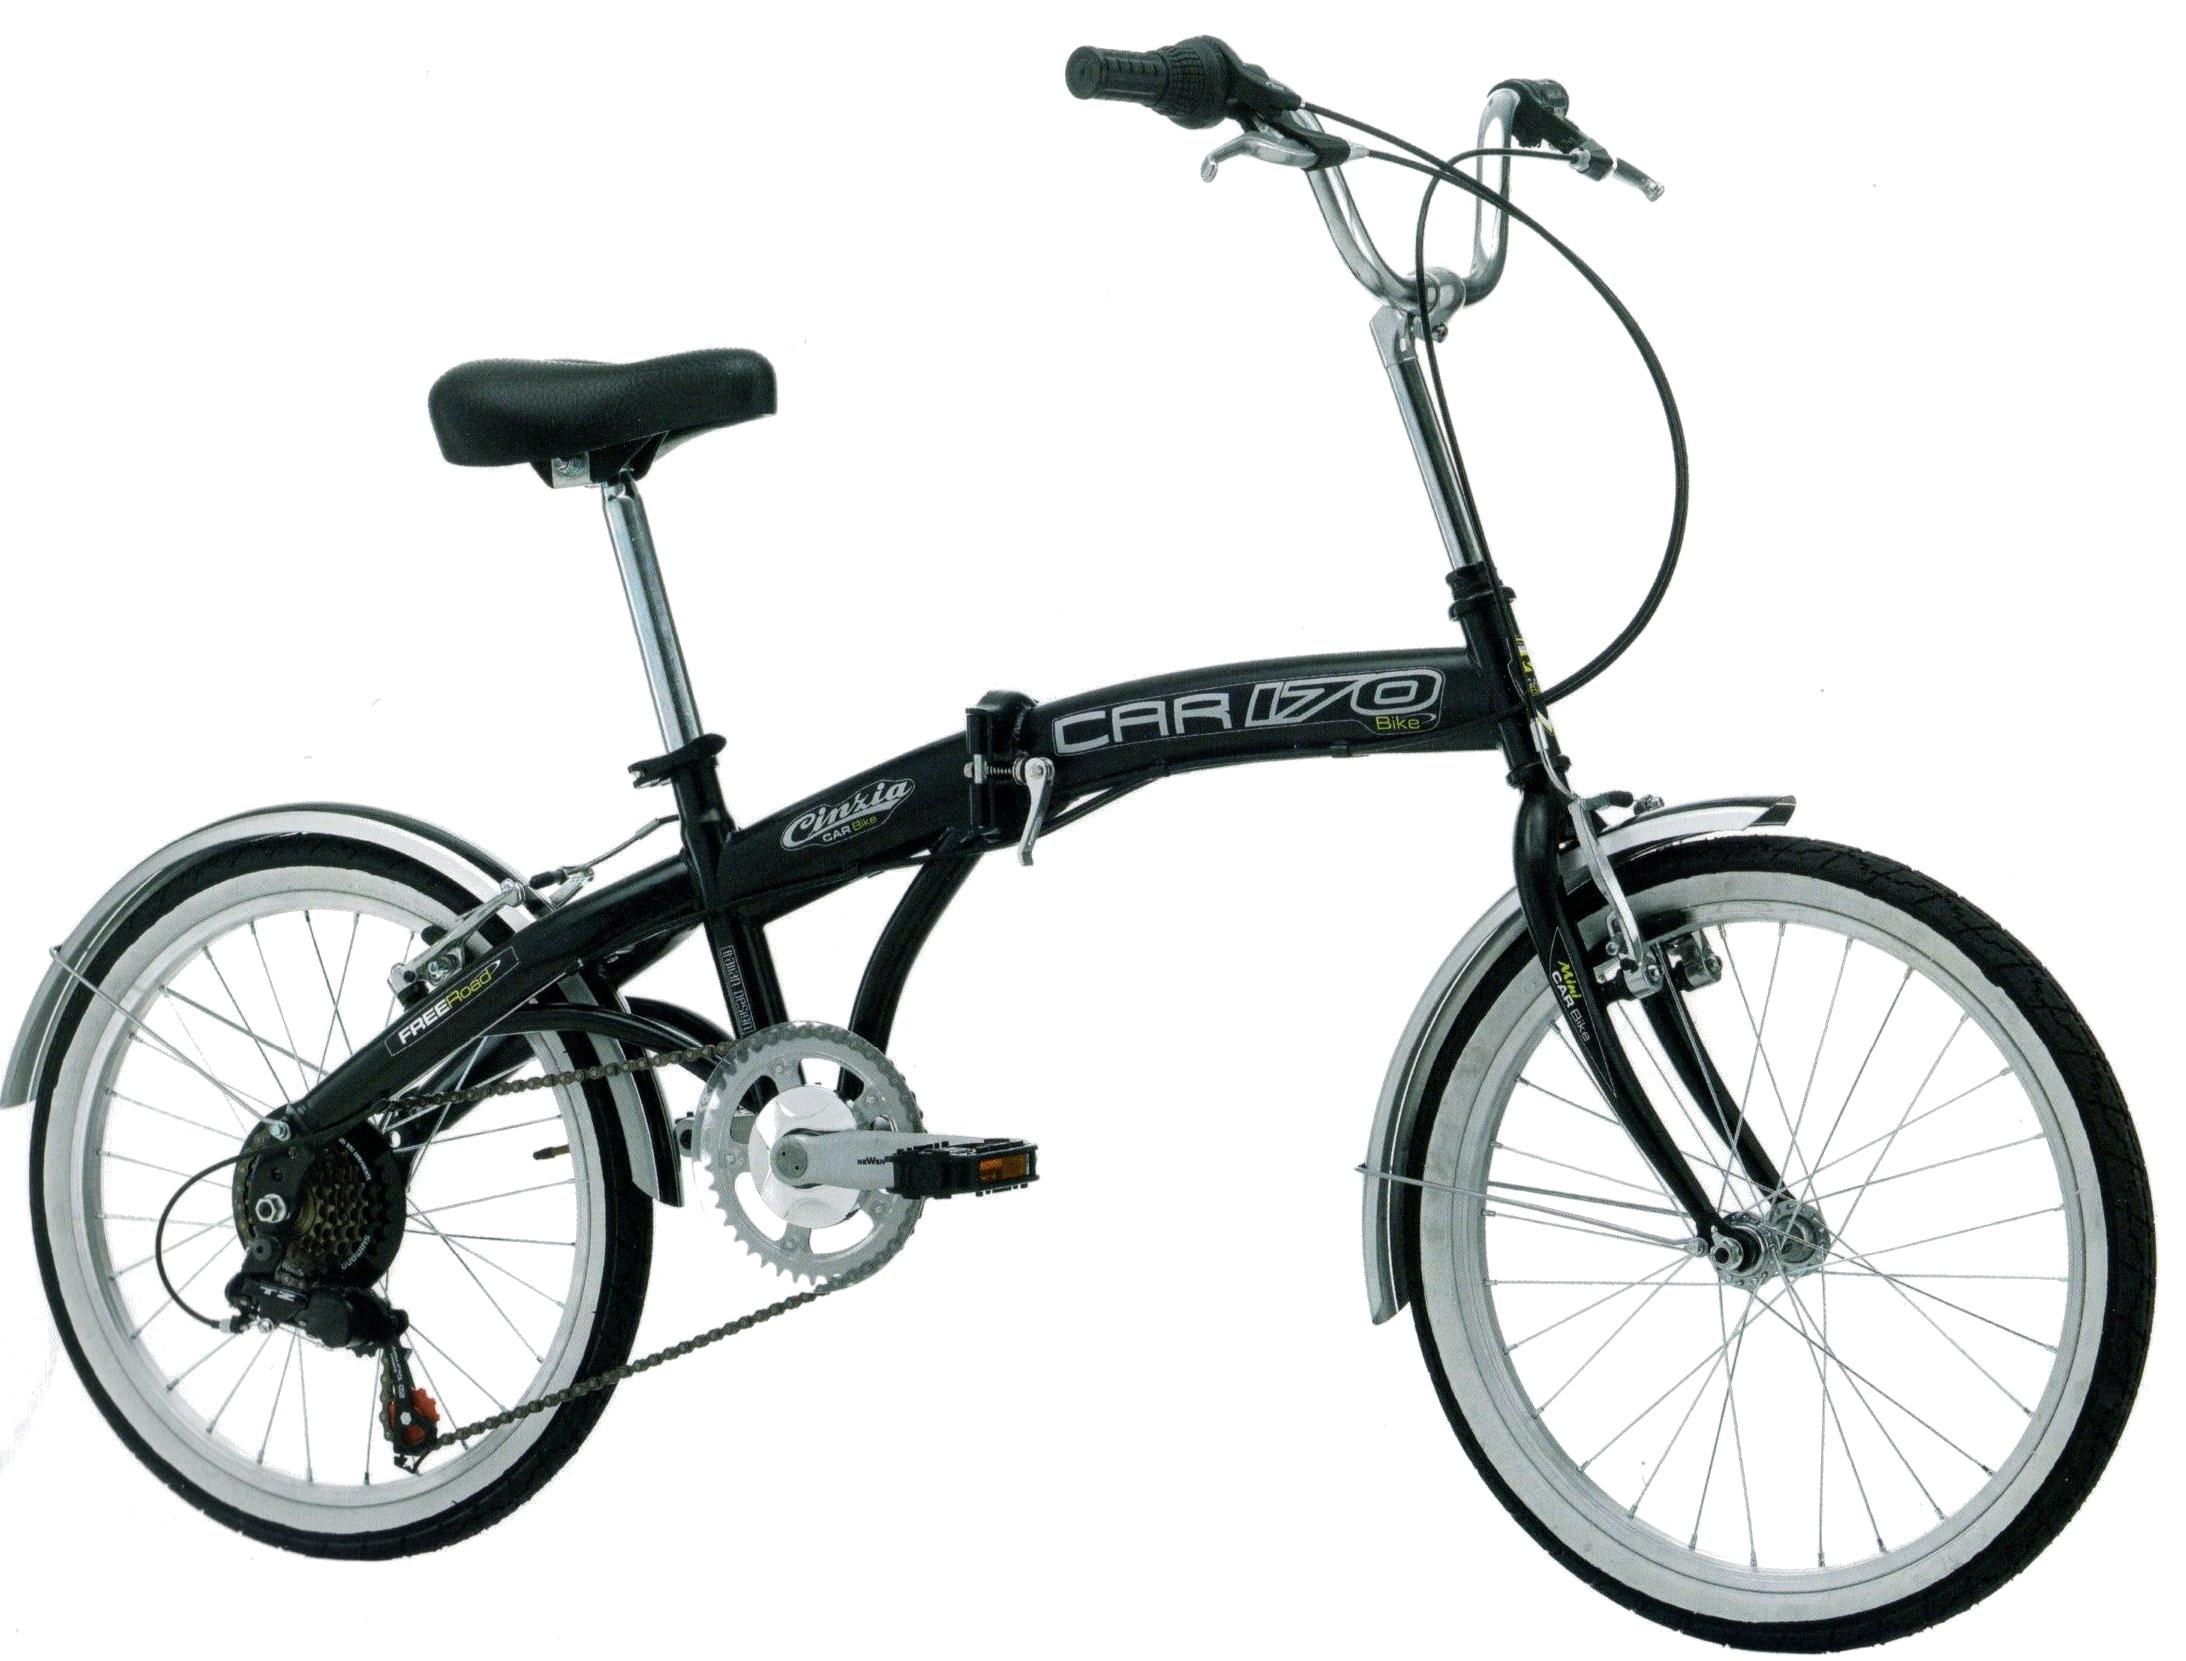 Bici Pieghevole In Alluminio.Bici Pieghevole 20 Car Bike 6v Alluminio 221 82eur Bianco Giochi